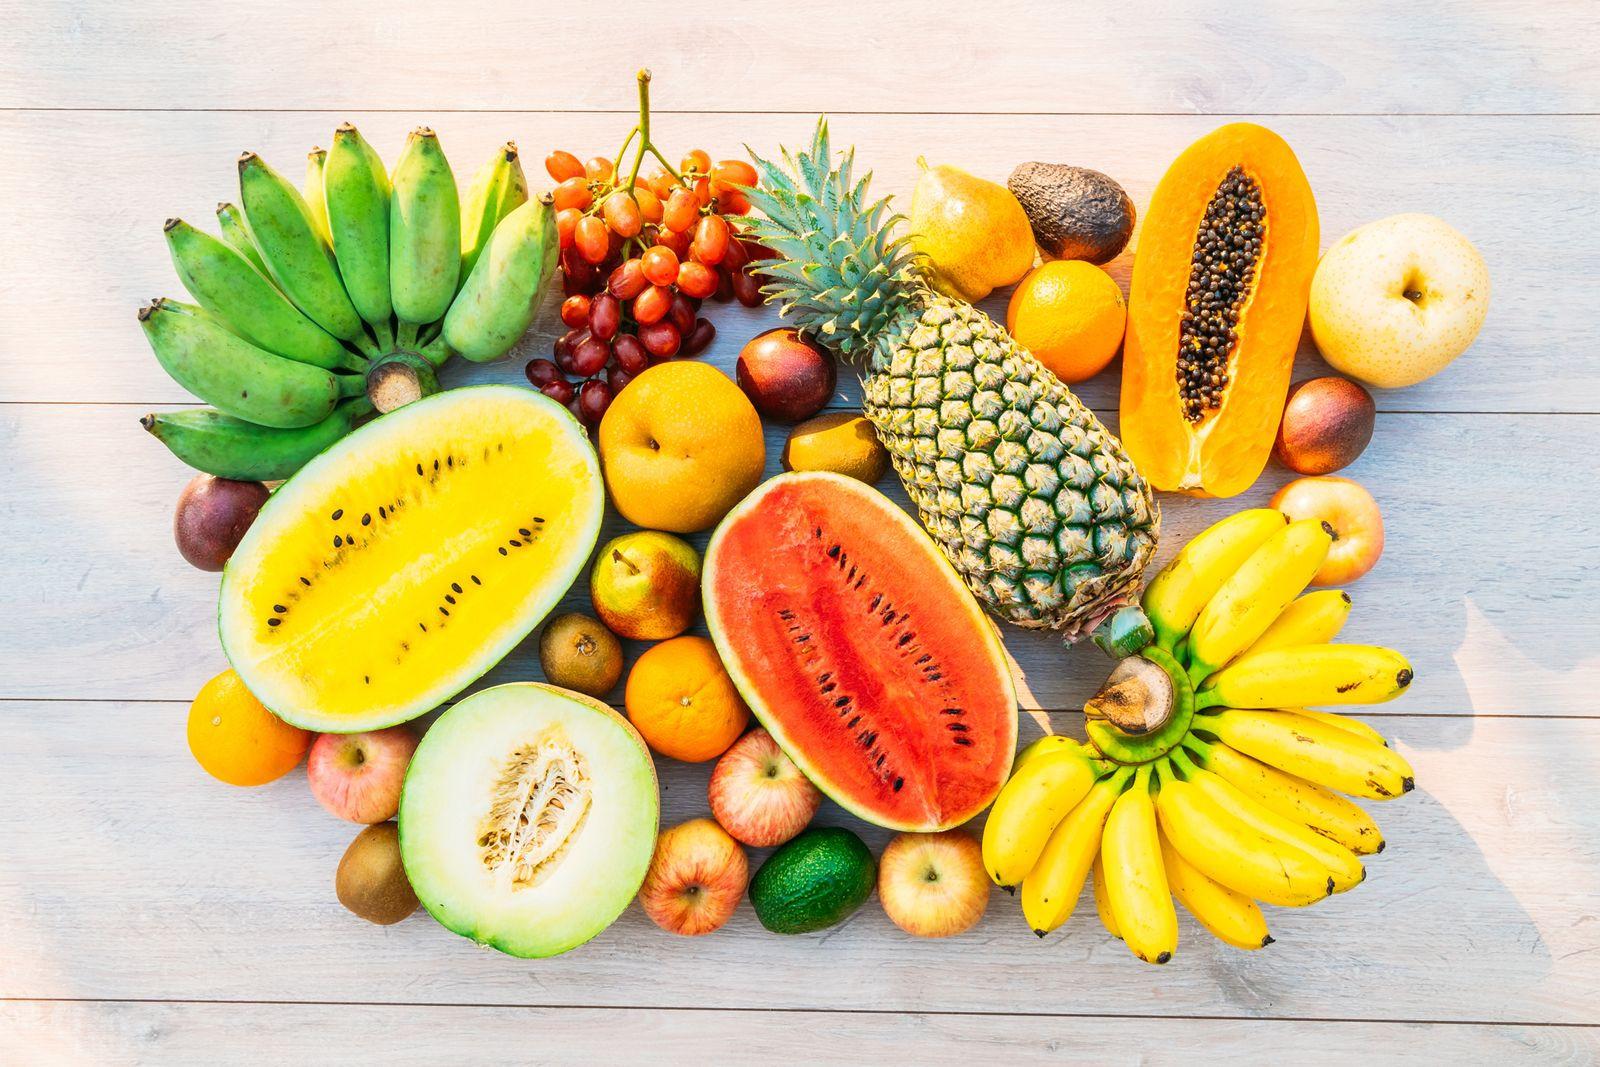 frutas-1552246920.jpg